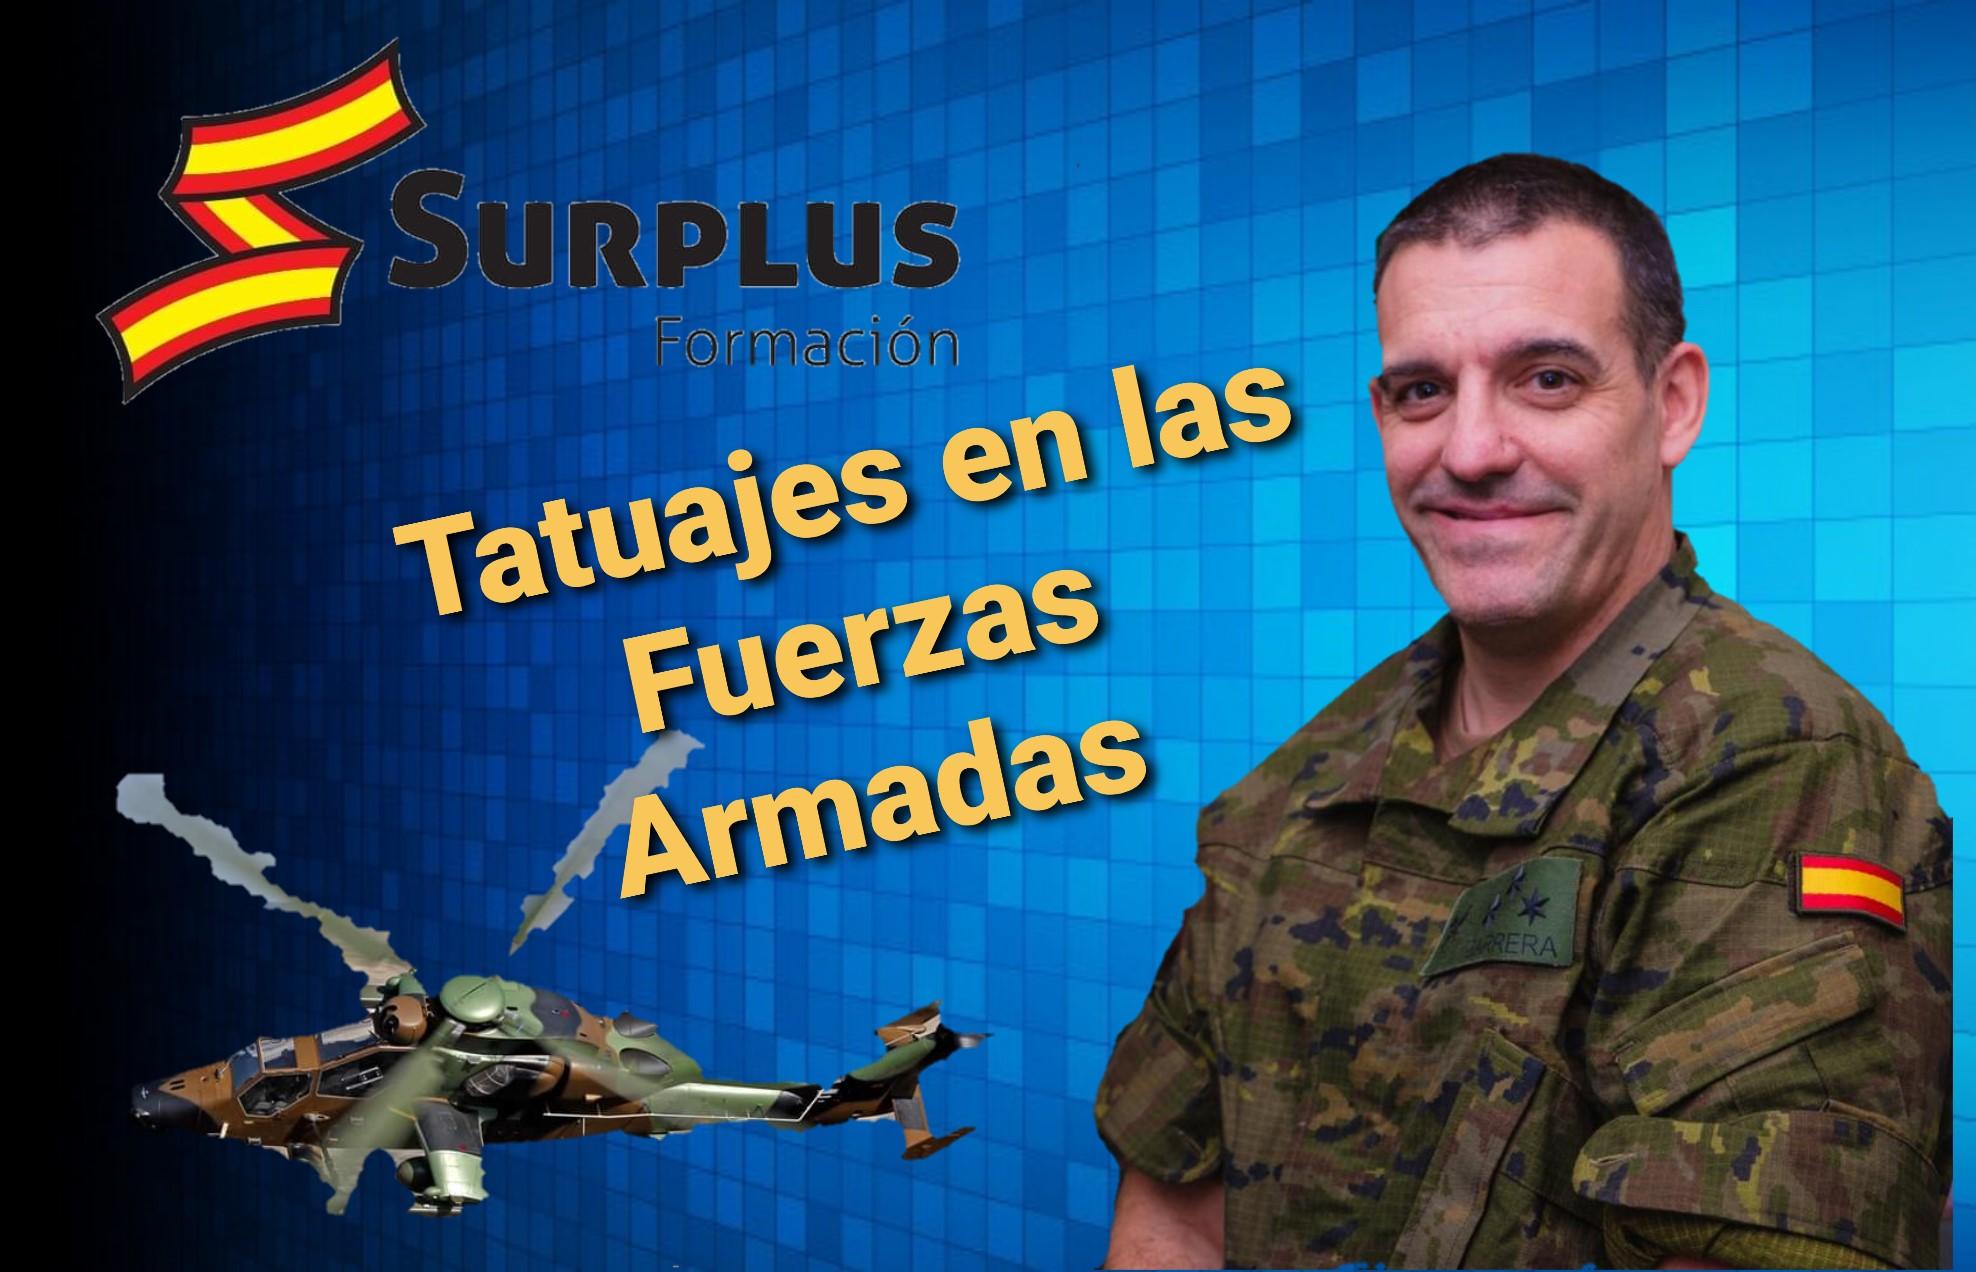 Tatuajes En El Ejército Oposiciones Al Ejército Fuerzas Armadas Test